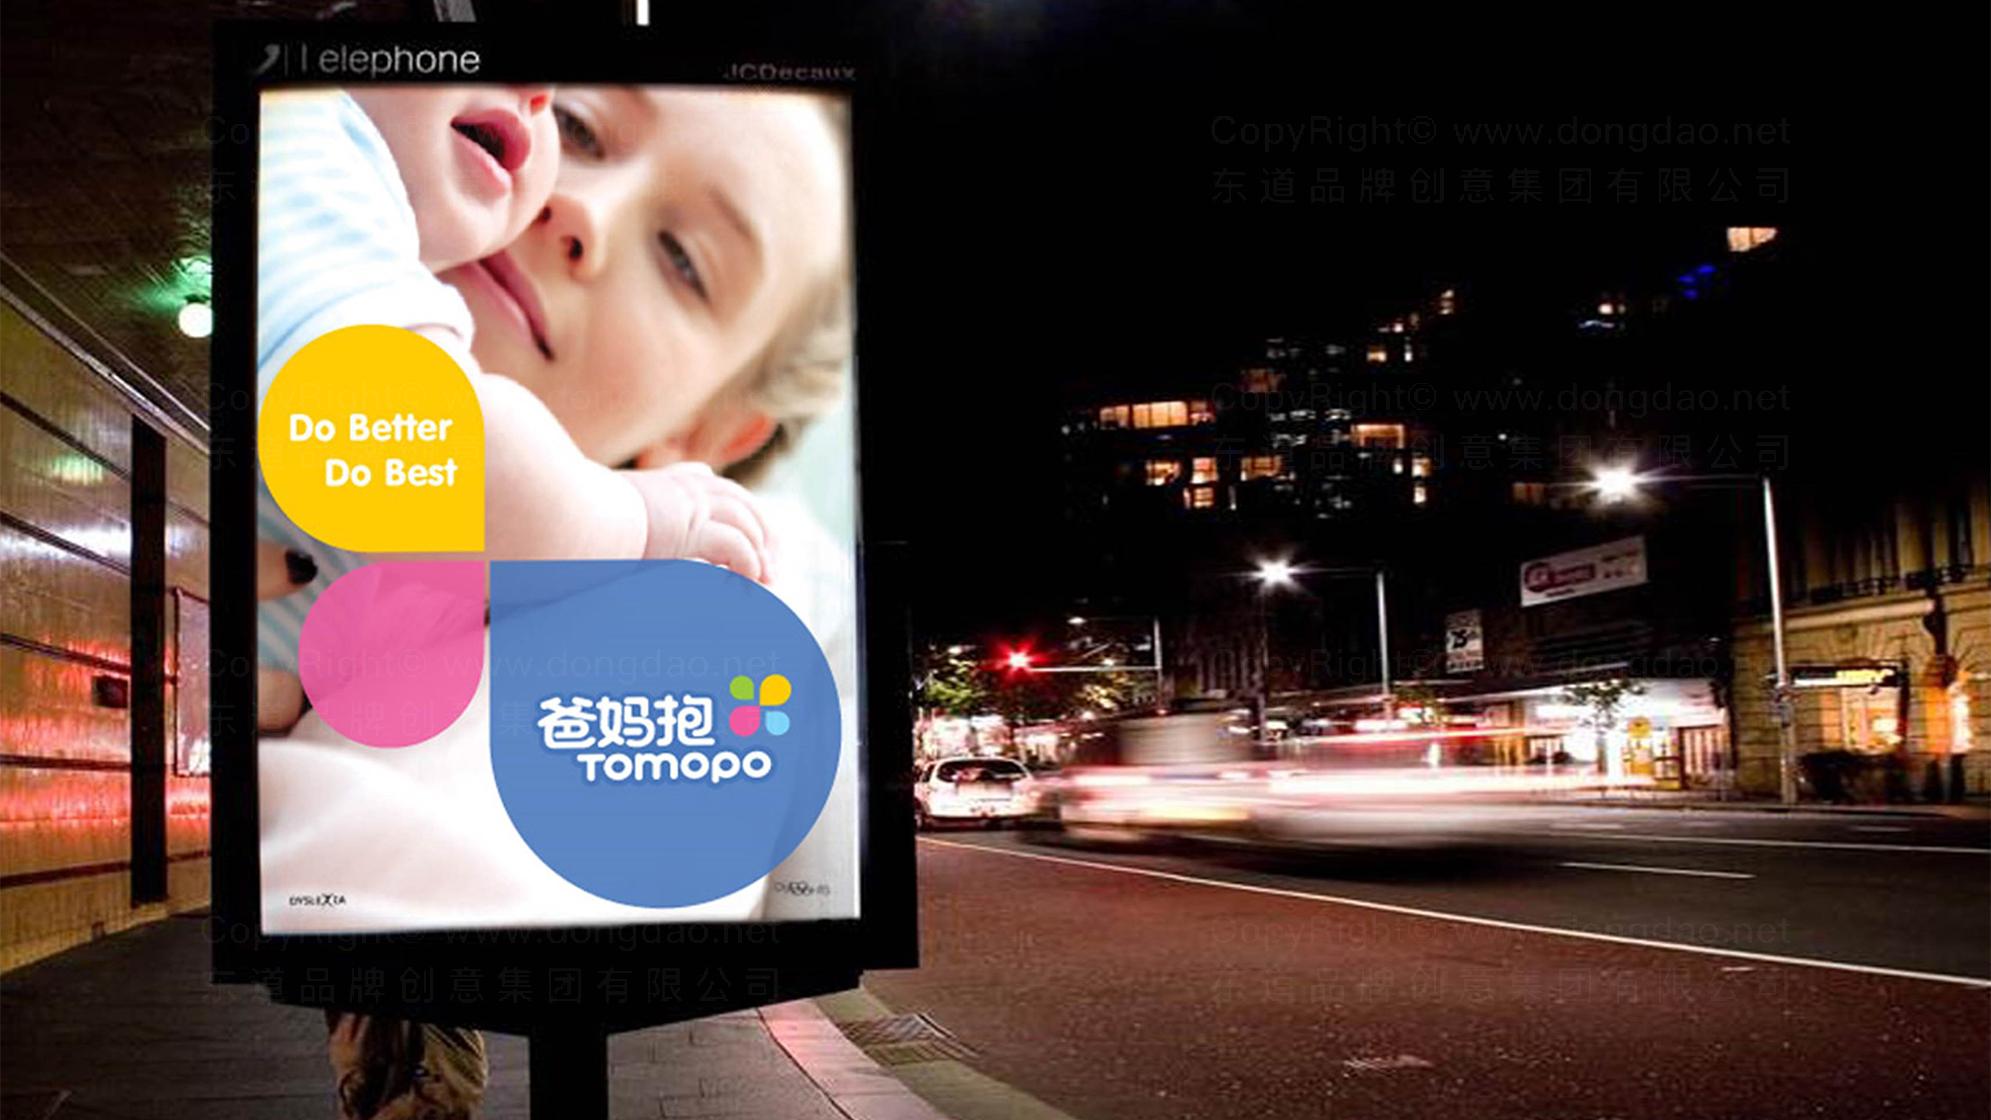 品牌设计爸妈抱母婴tomopo标志设计应用场景_9